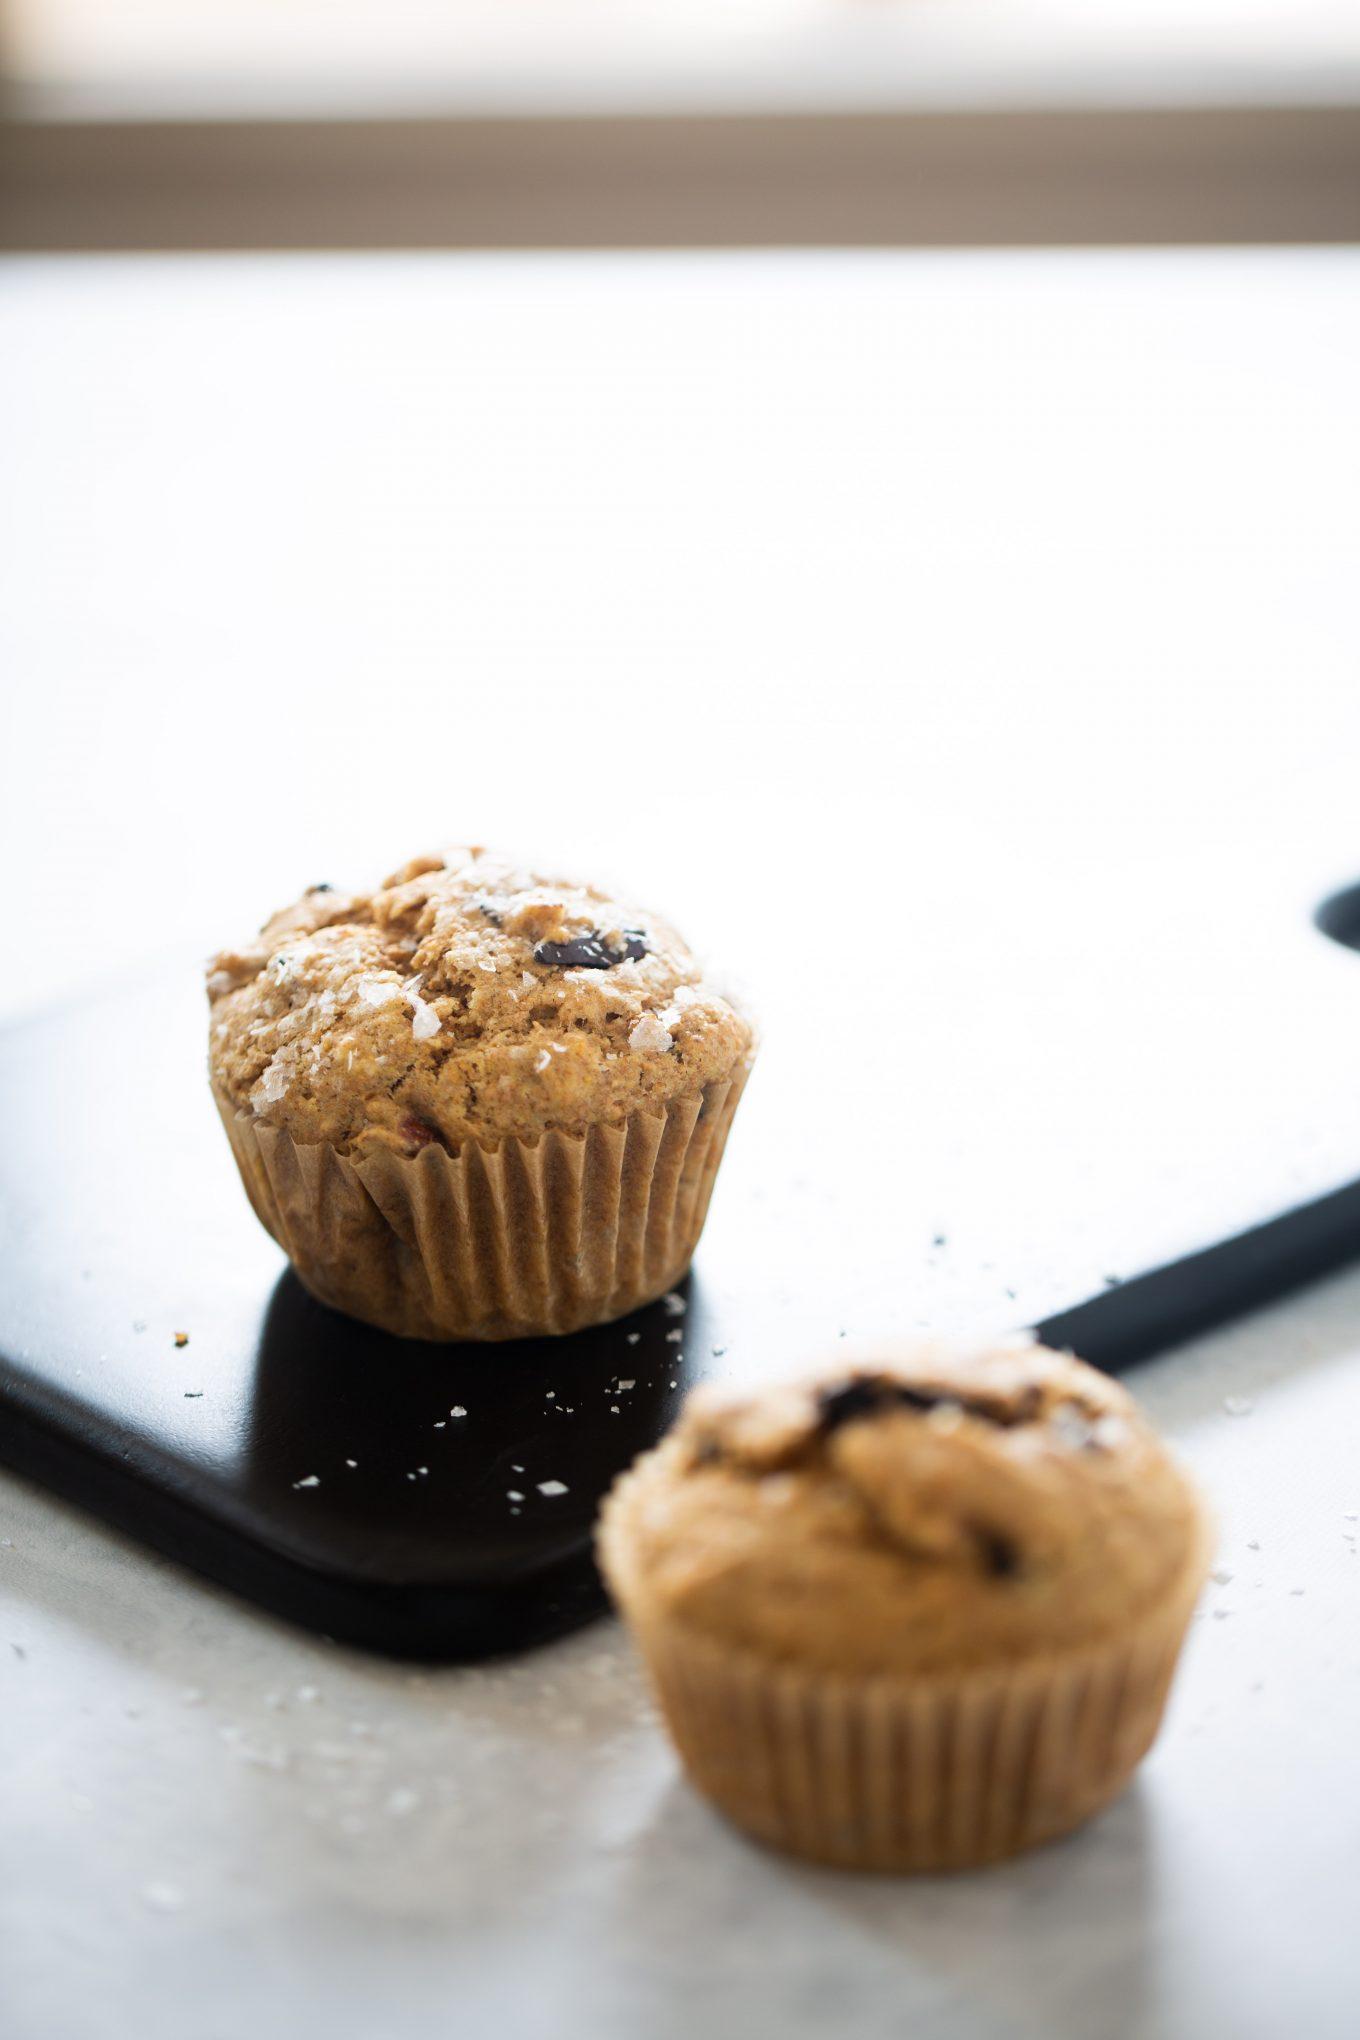 pastelito de chocolate y almendra